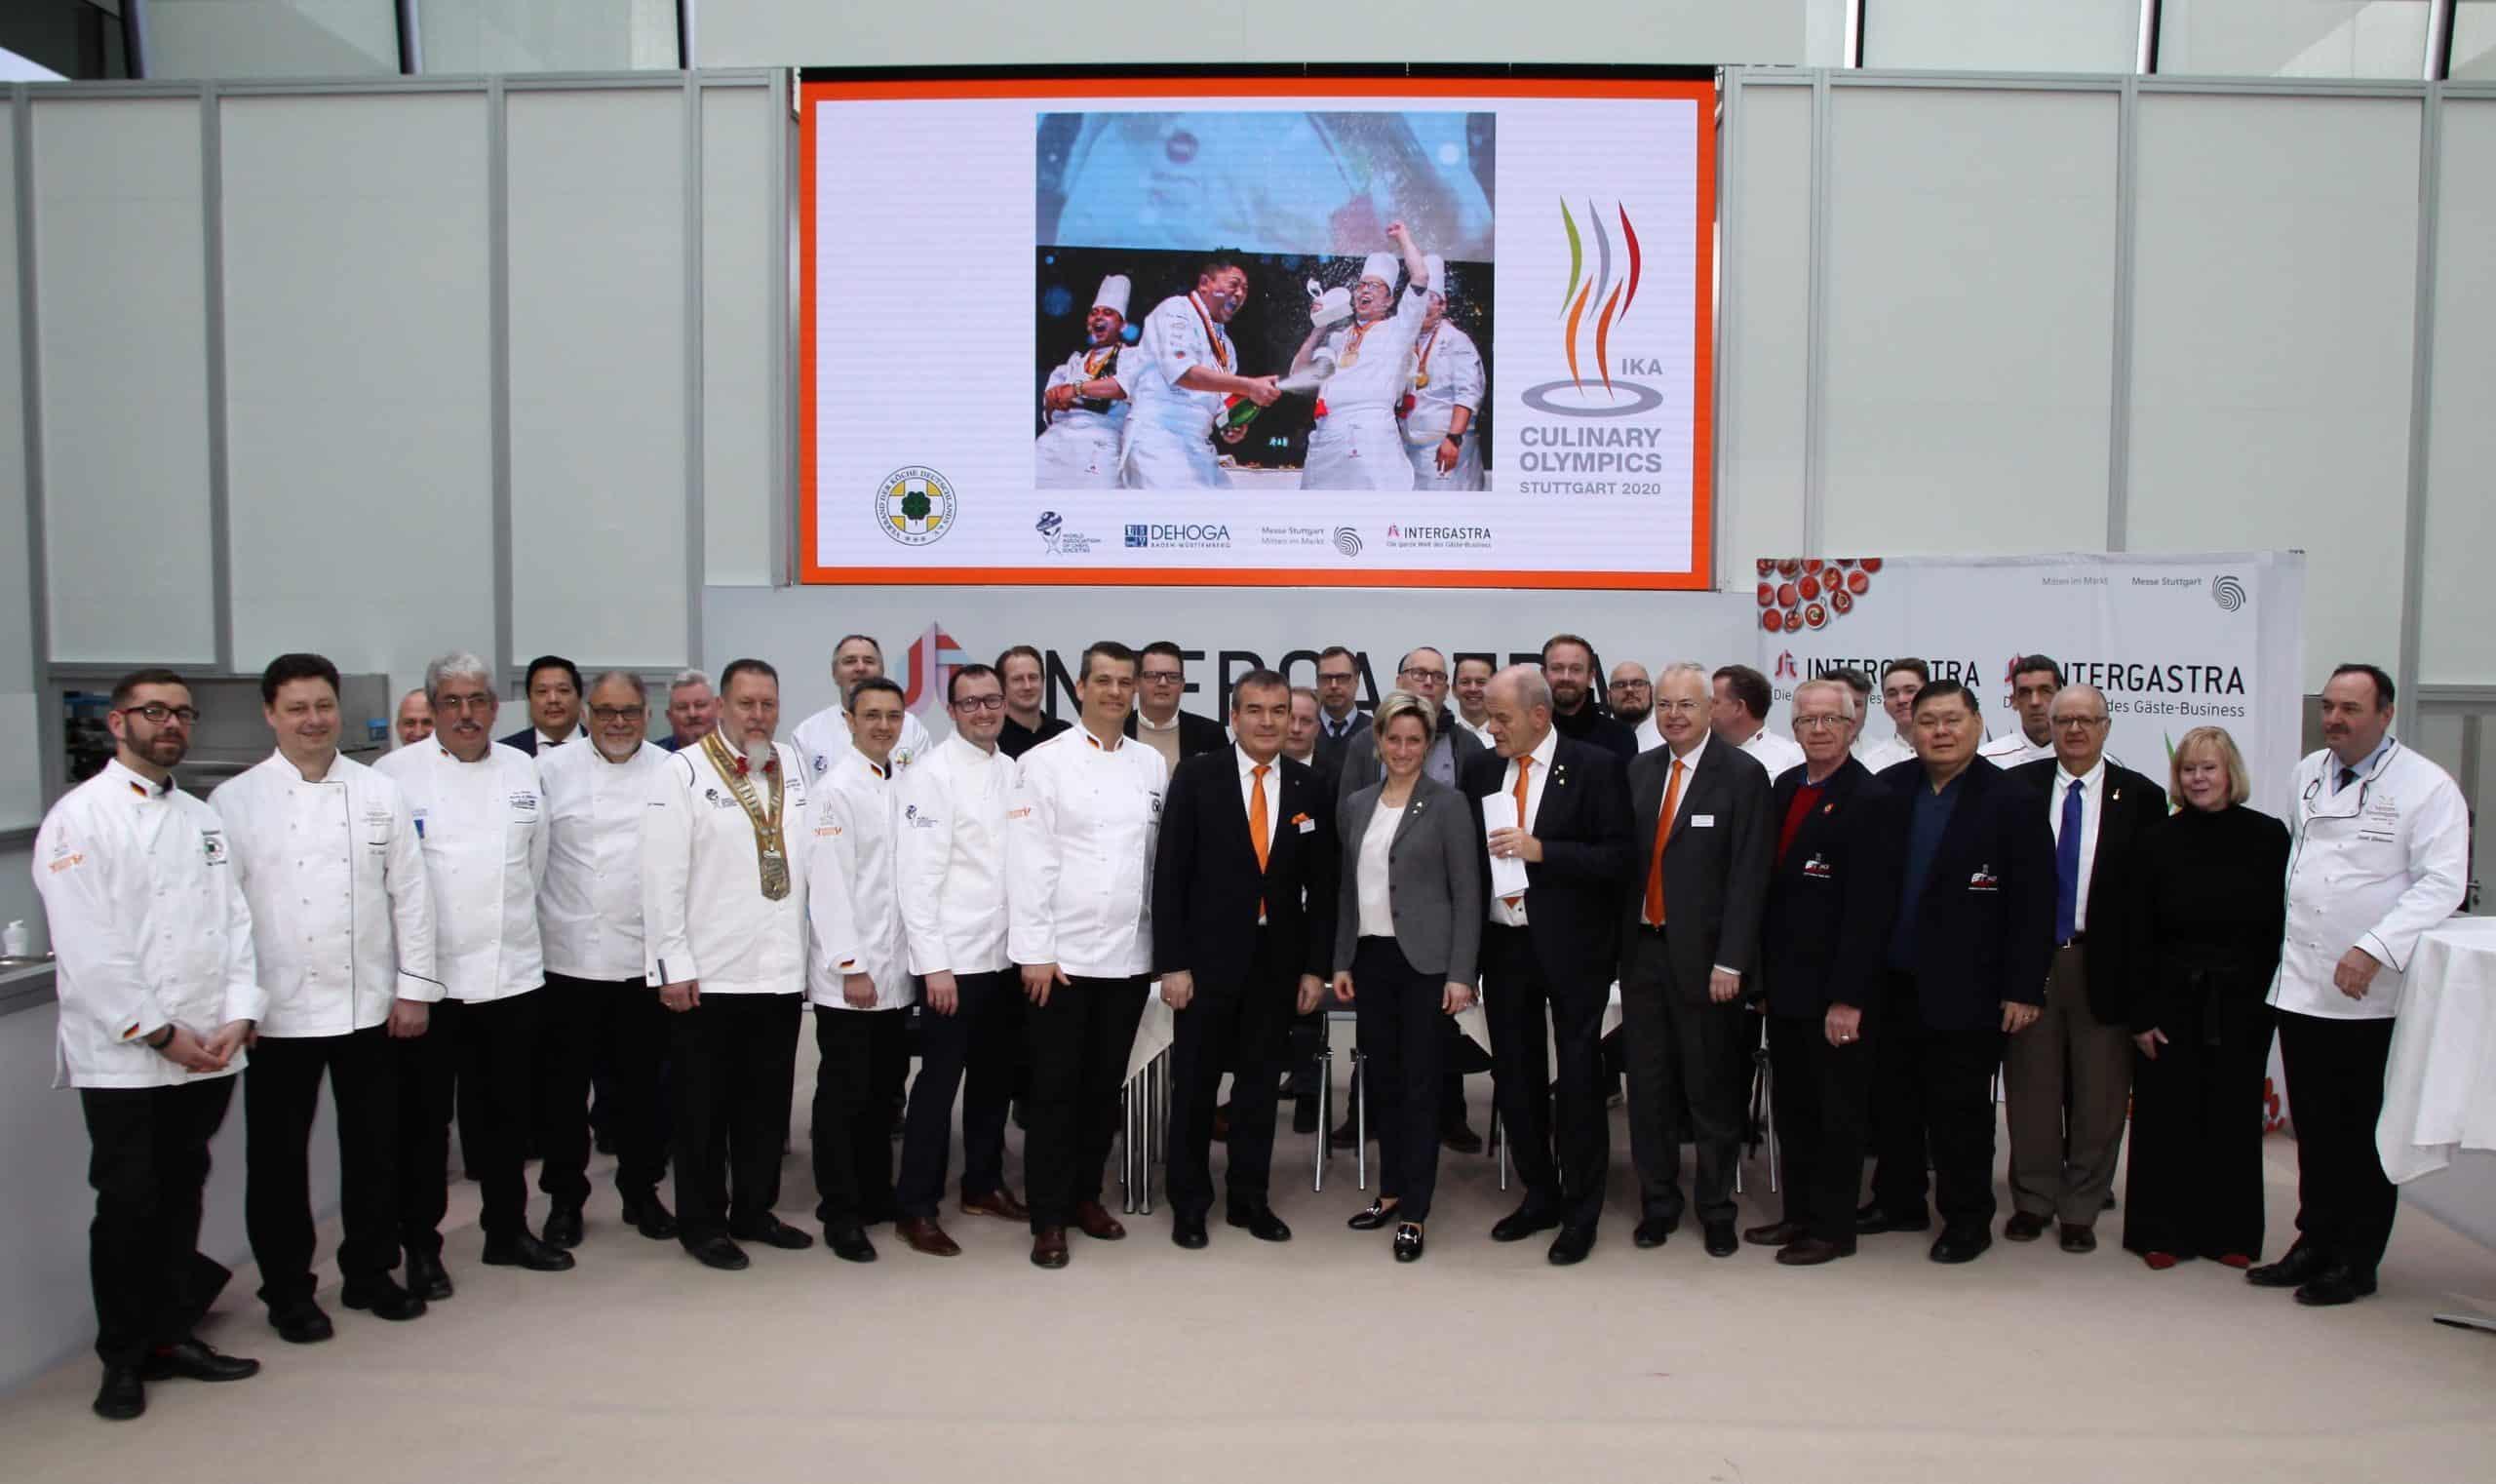 Olympiade der Köche 2020 - Chef's Table statt Plattenschau